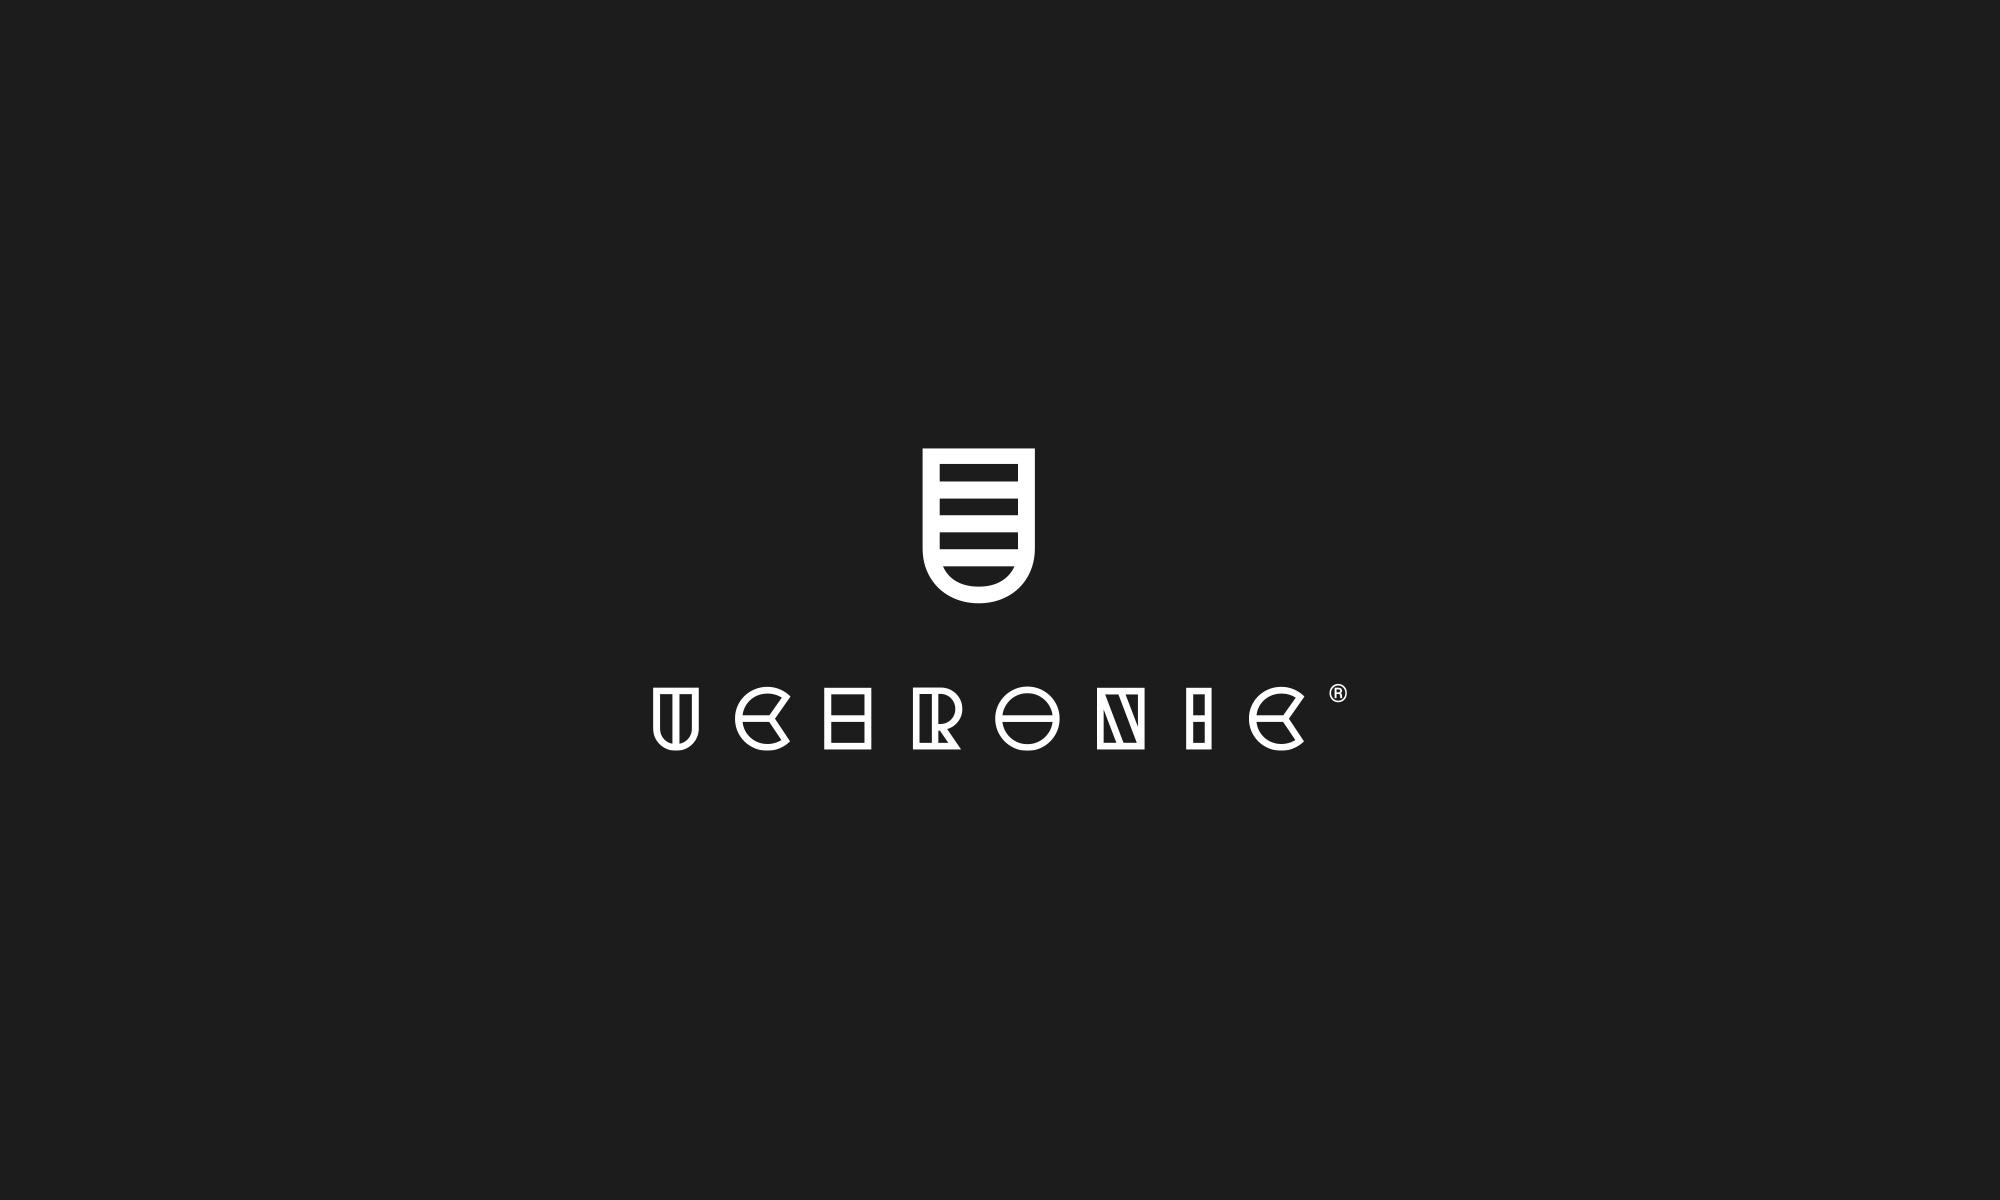 Logo Uchronic